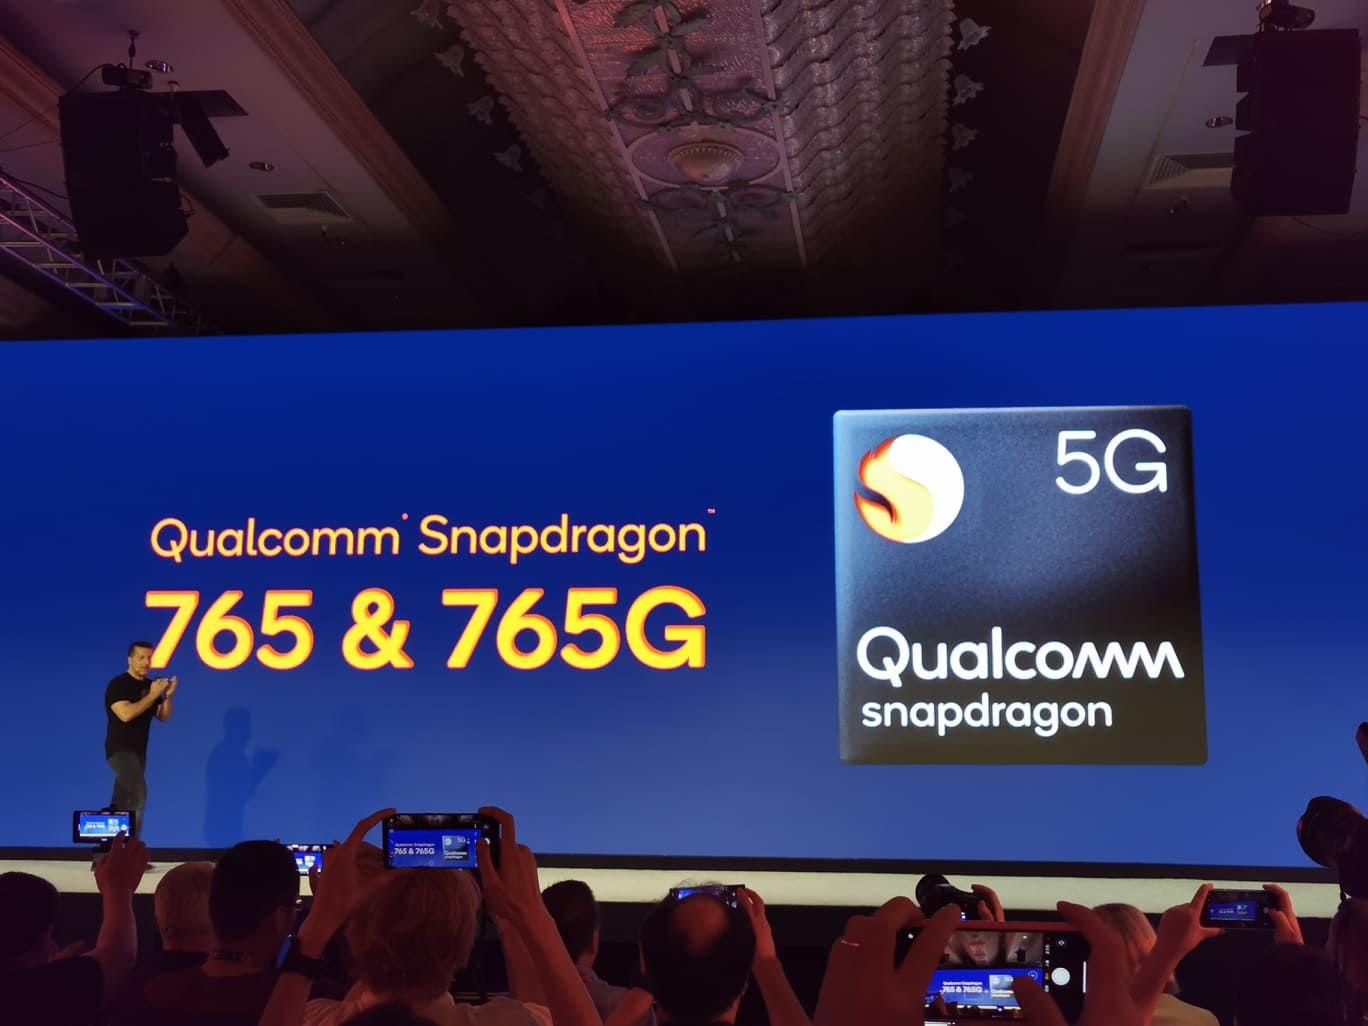 5G布道者——高通发布骁龙865、765&765G,全面覆盖中高端拍照、游戏等应用场景